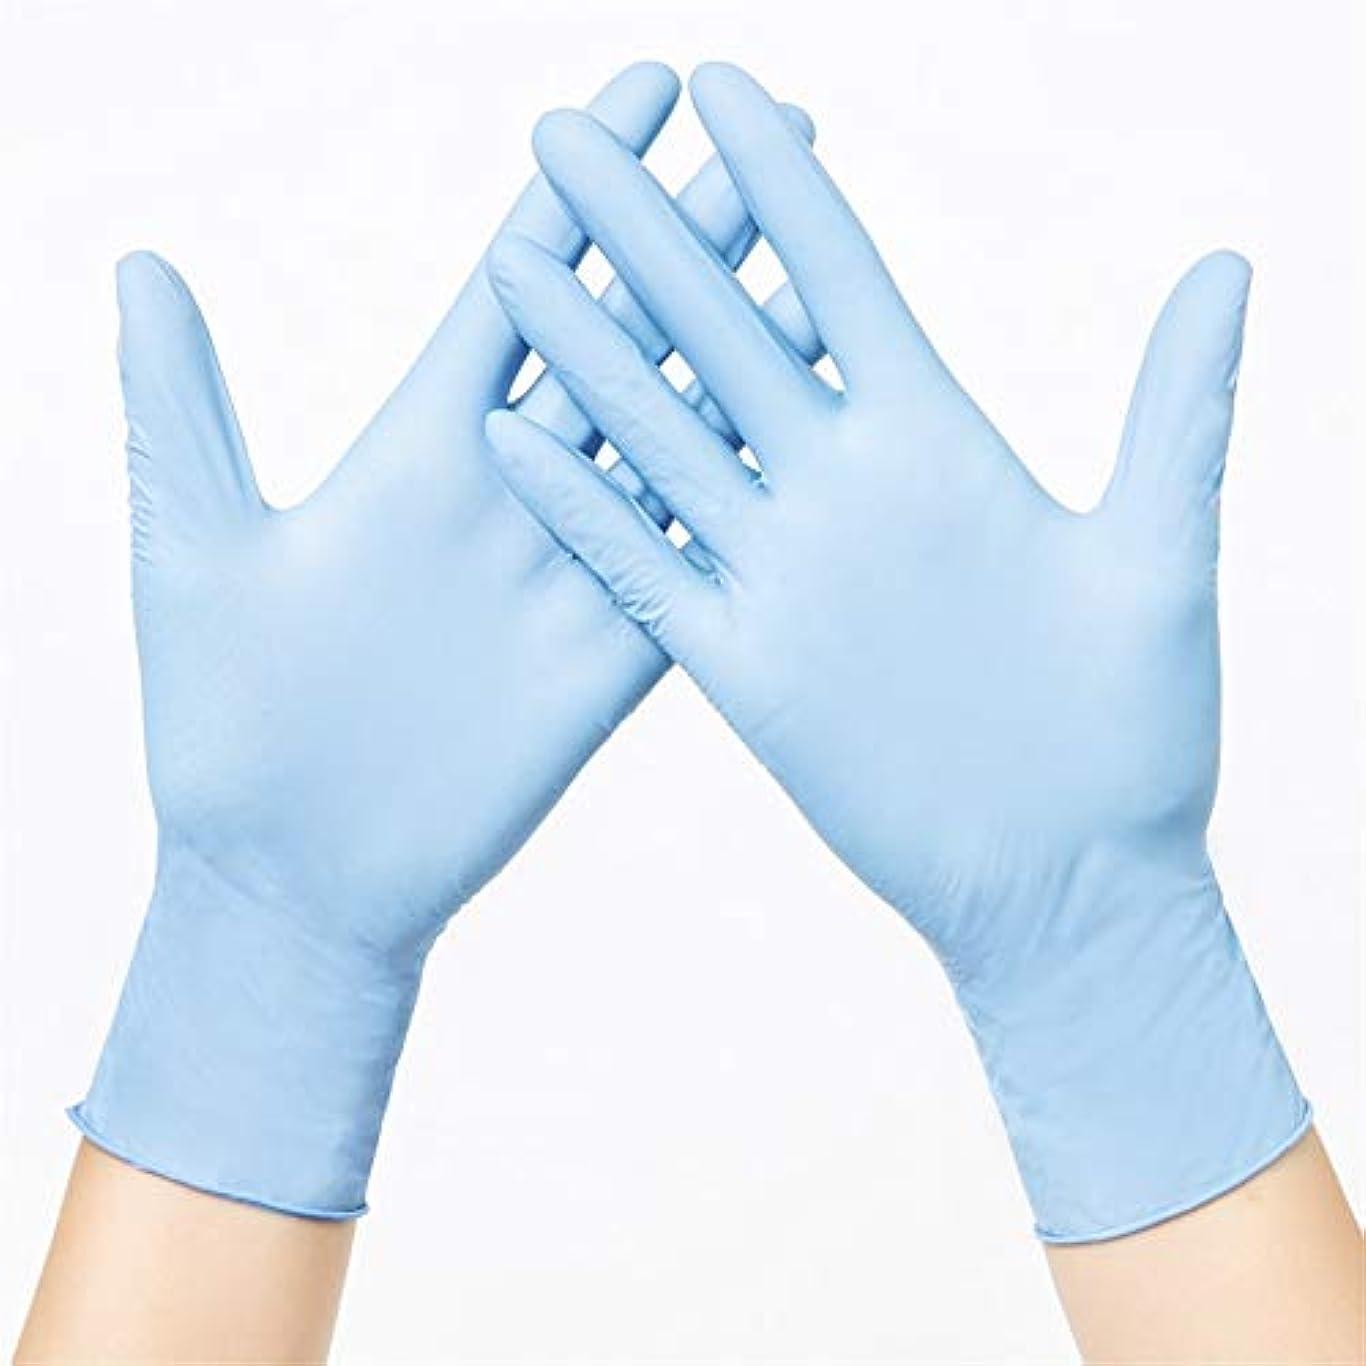 キャラクター受け皿フラッシュのように素早くニトリルゴム手袋 使い捨て手袋ゴム製超薄型ハンドウェアラブル防水家庭用手袋、100 使い捨て手袋 (Color : Blue, Size : S)